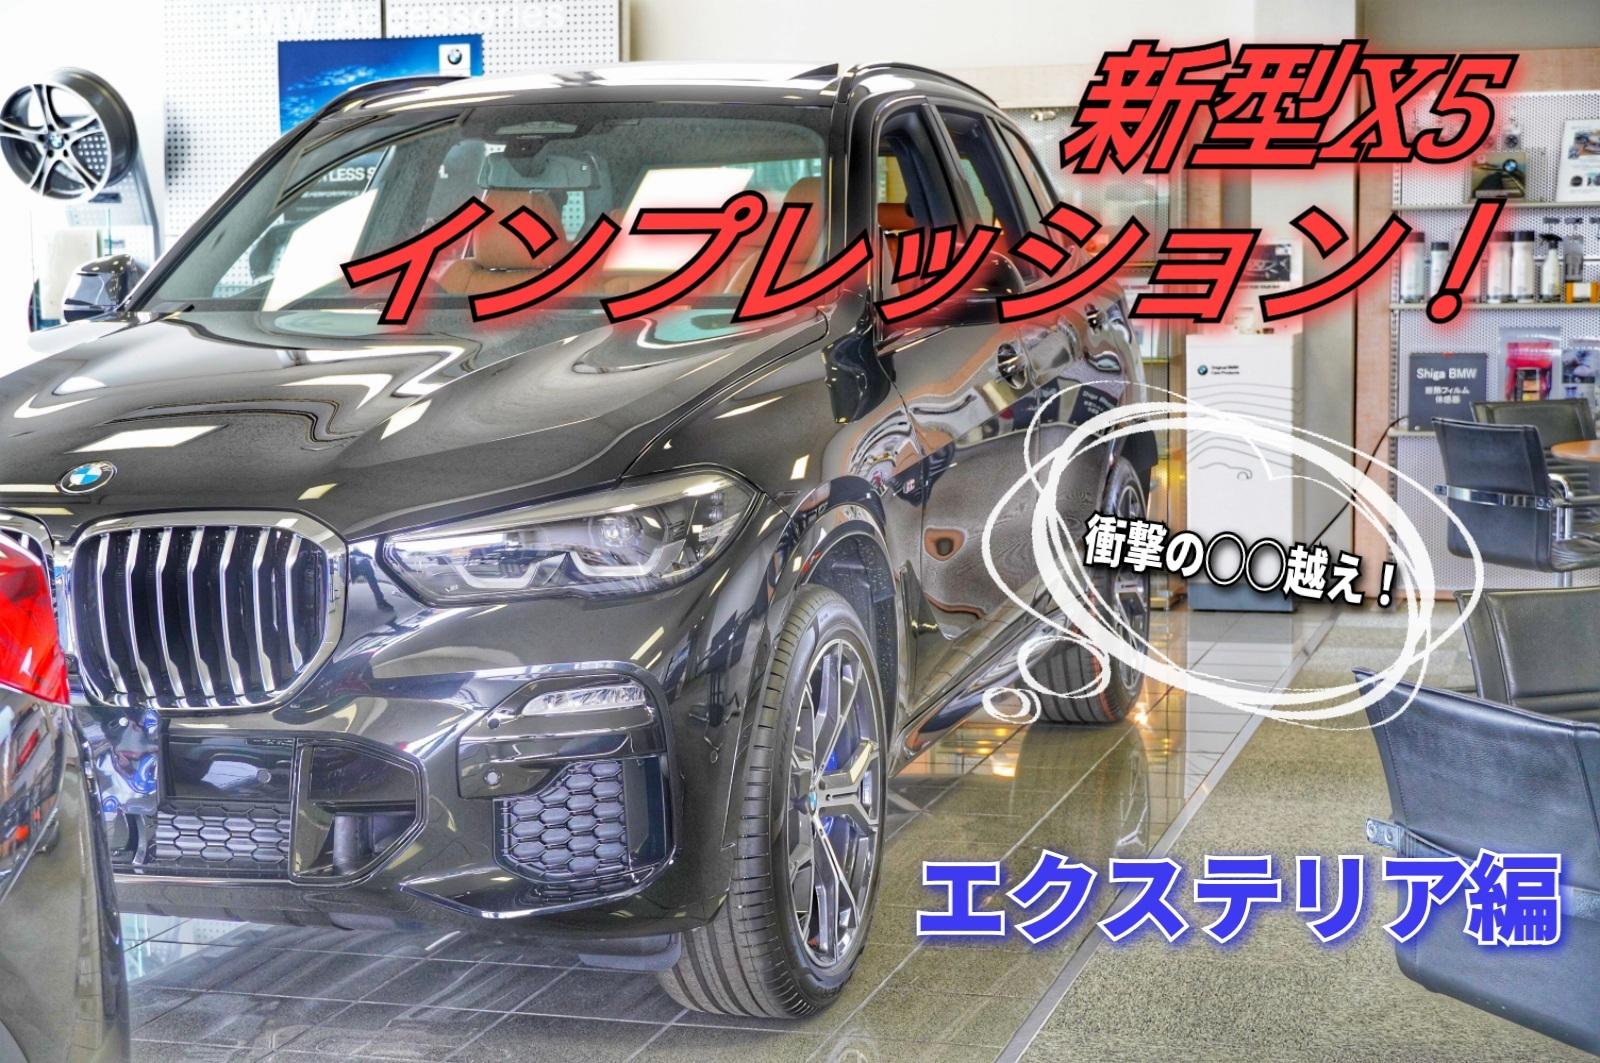 【憧れのフルサイズSUV】エクステリア編!新型X5インプレッション!②